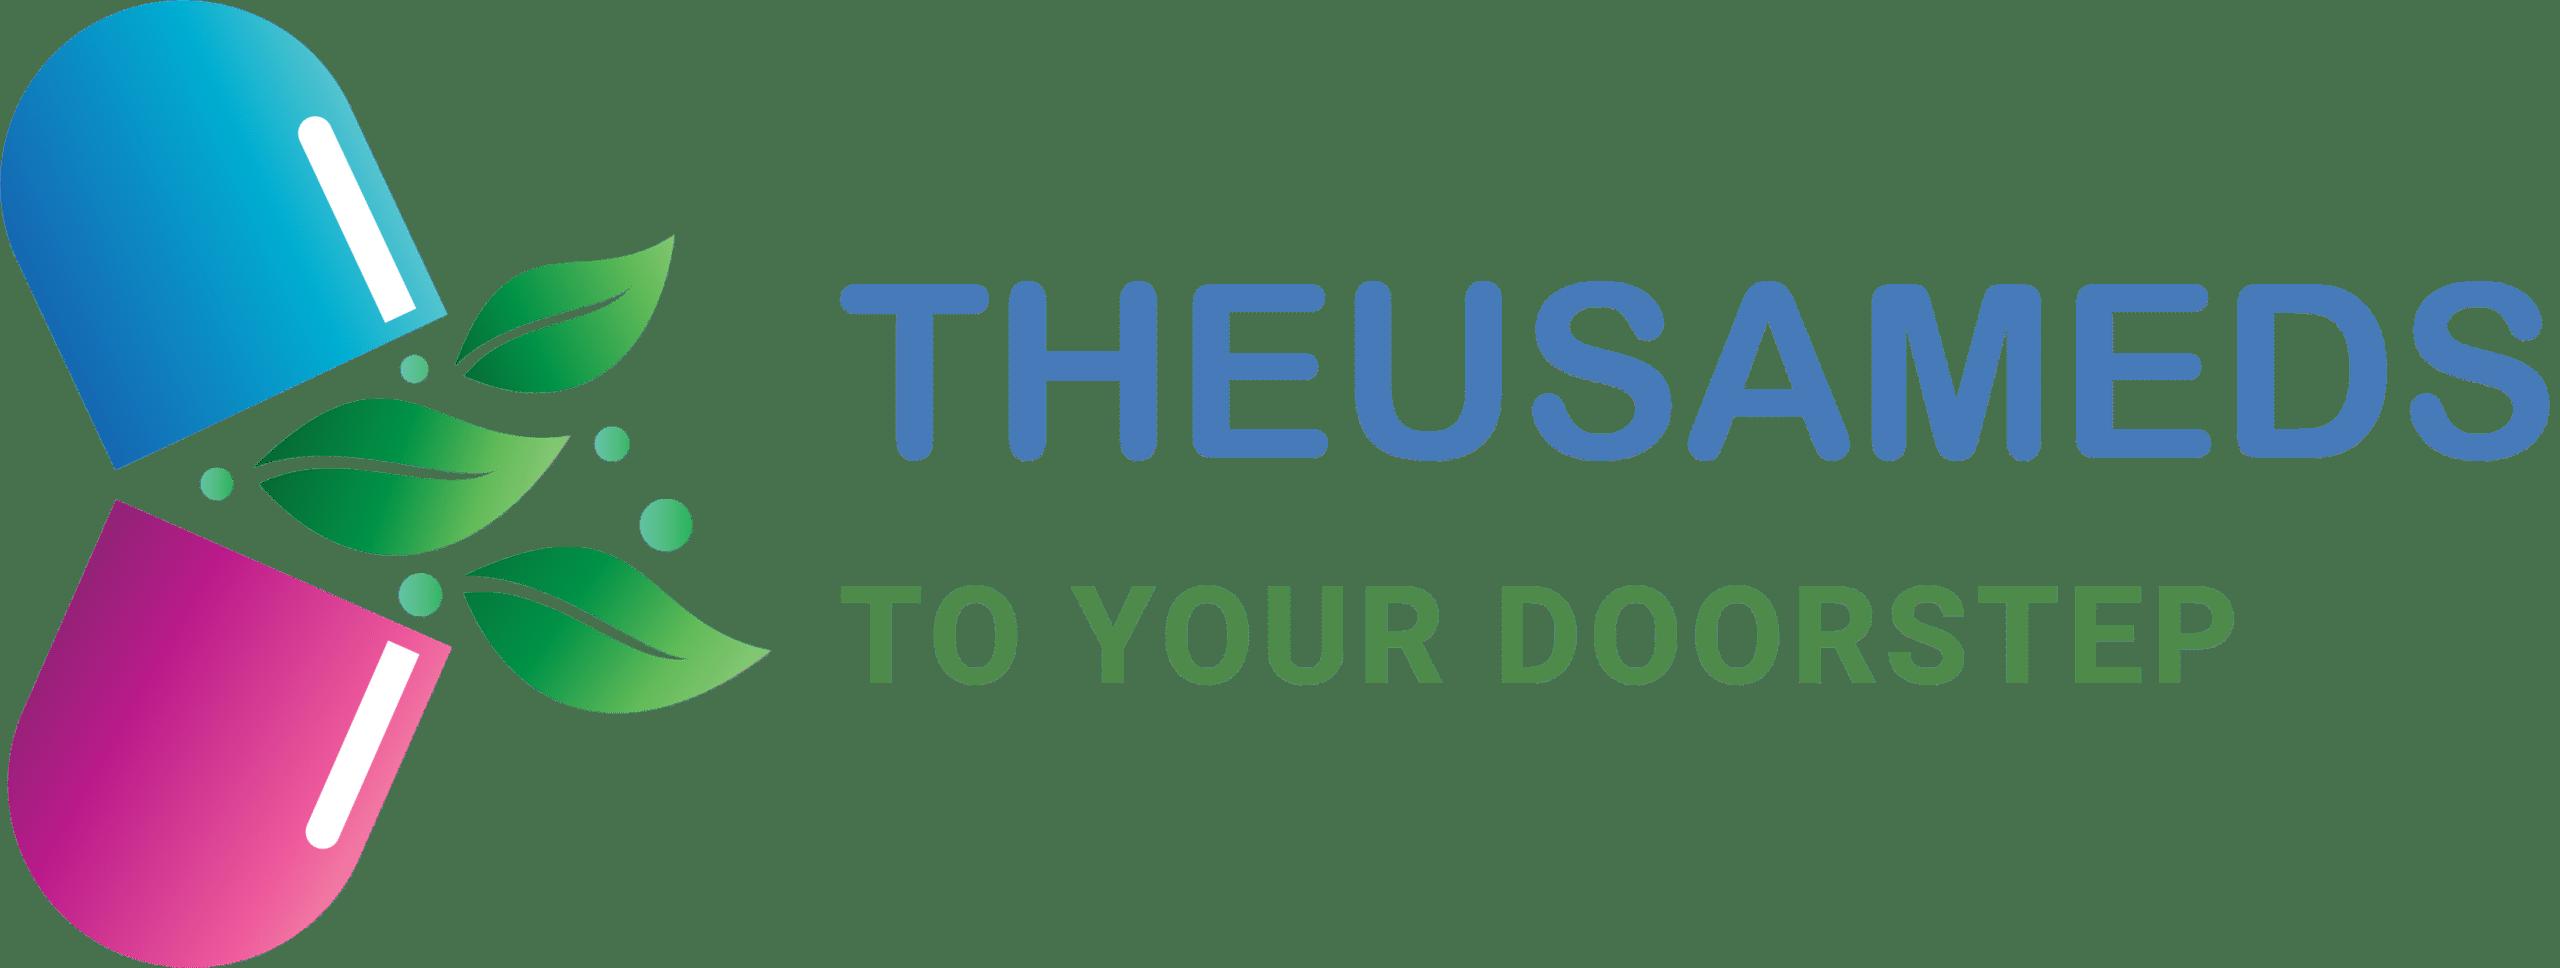 The USA Meds